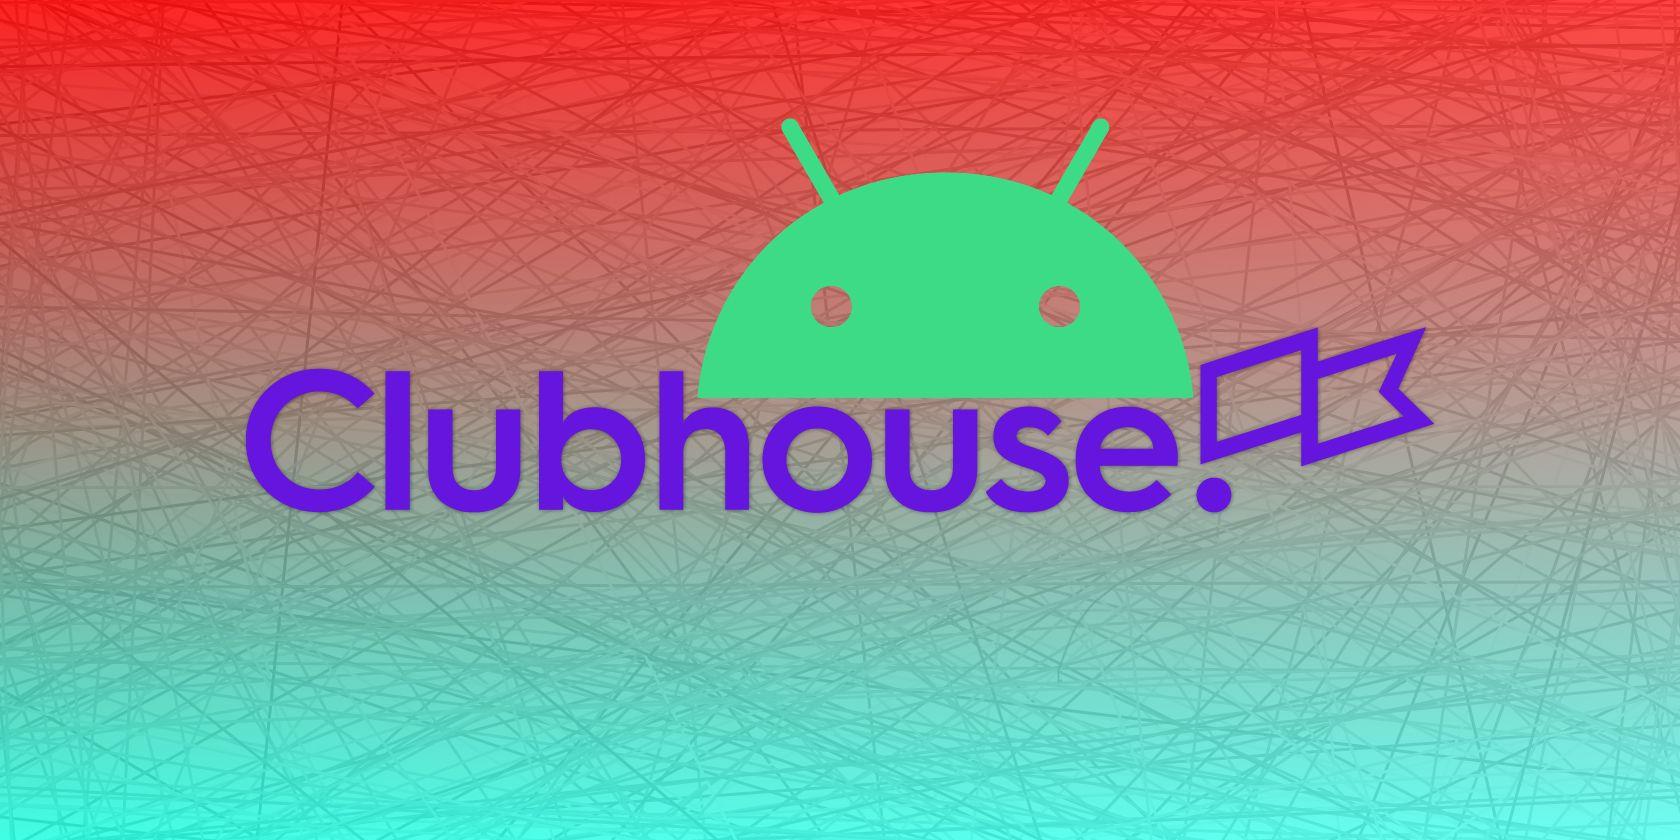 برنامه جعلی Android Clubhouse هزاران اعتبار کاربر را می دزدد